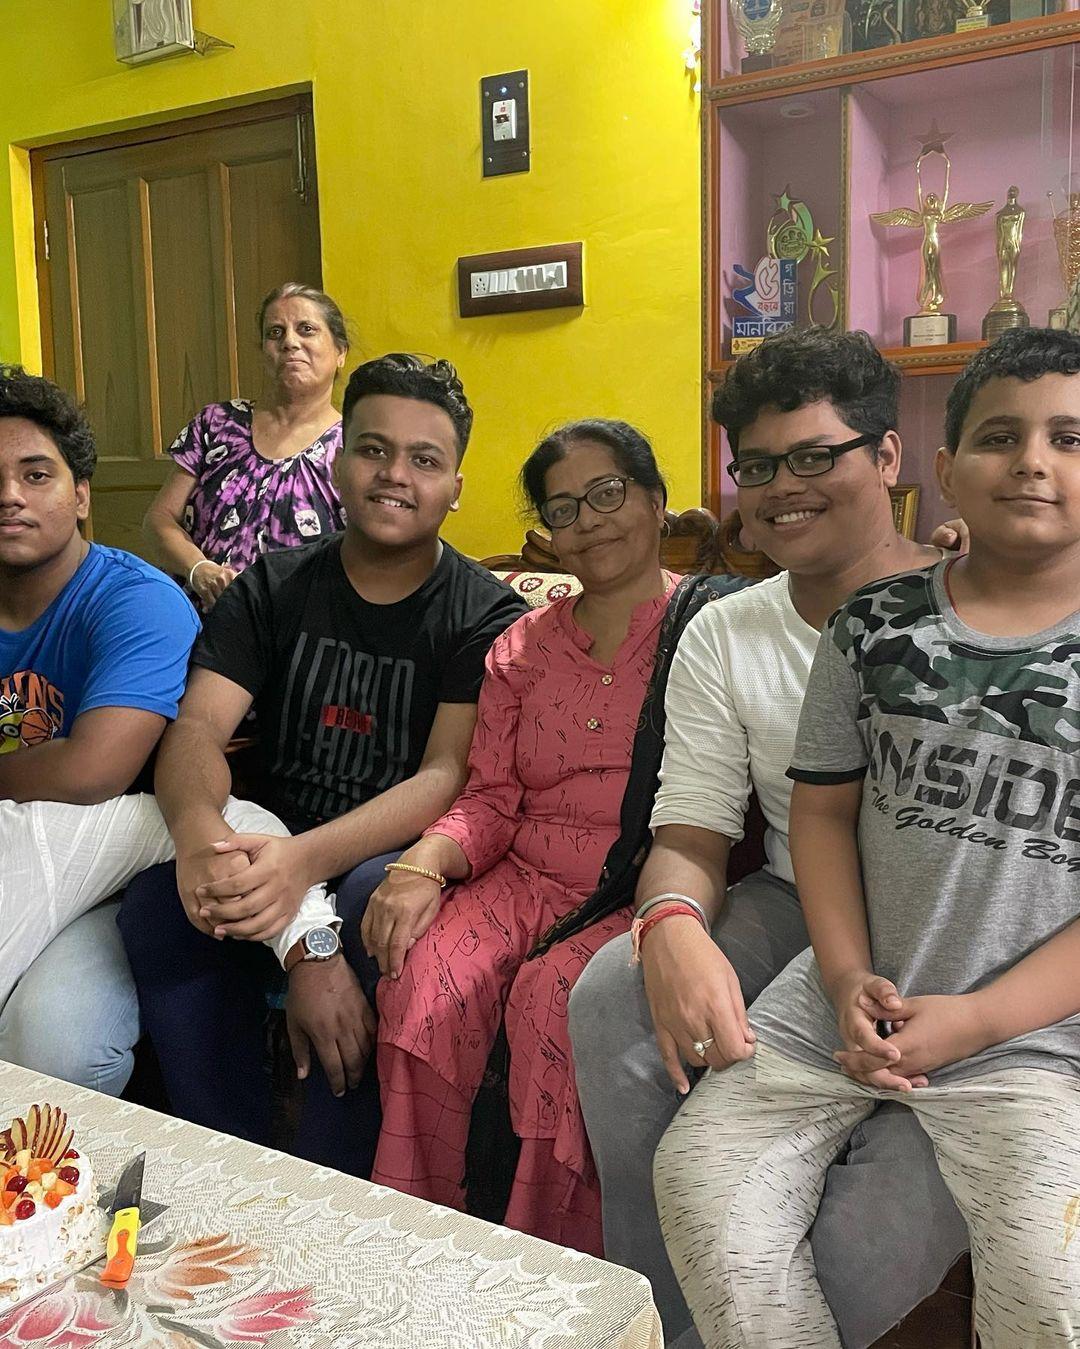 বর্তমানে 'অপরাজিতা অপু' ধারাবাহিকে অভিনয় করছেন রোহন। অভিনেতার মায়ের জন্মদিনের ঘরোয়া সেলিব্রেশনের ছবি।